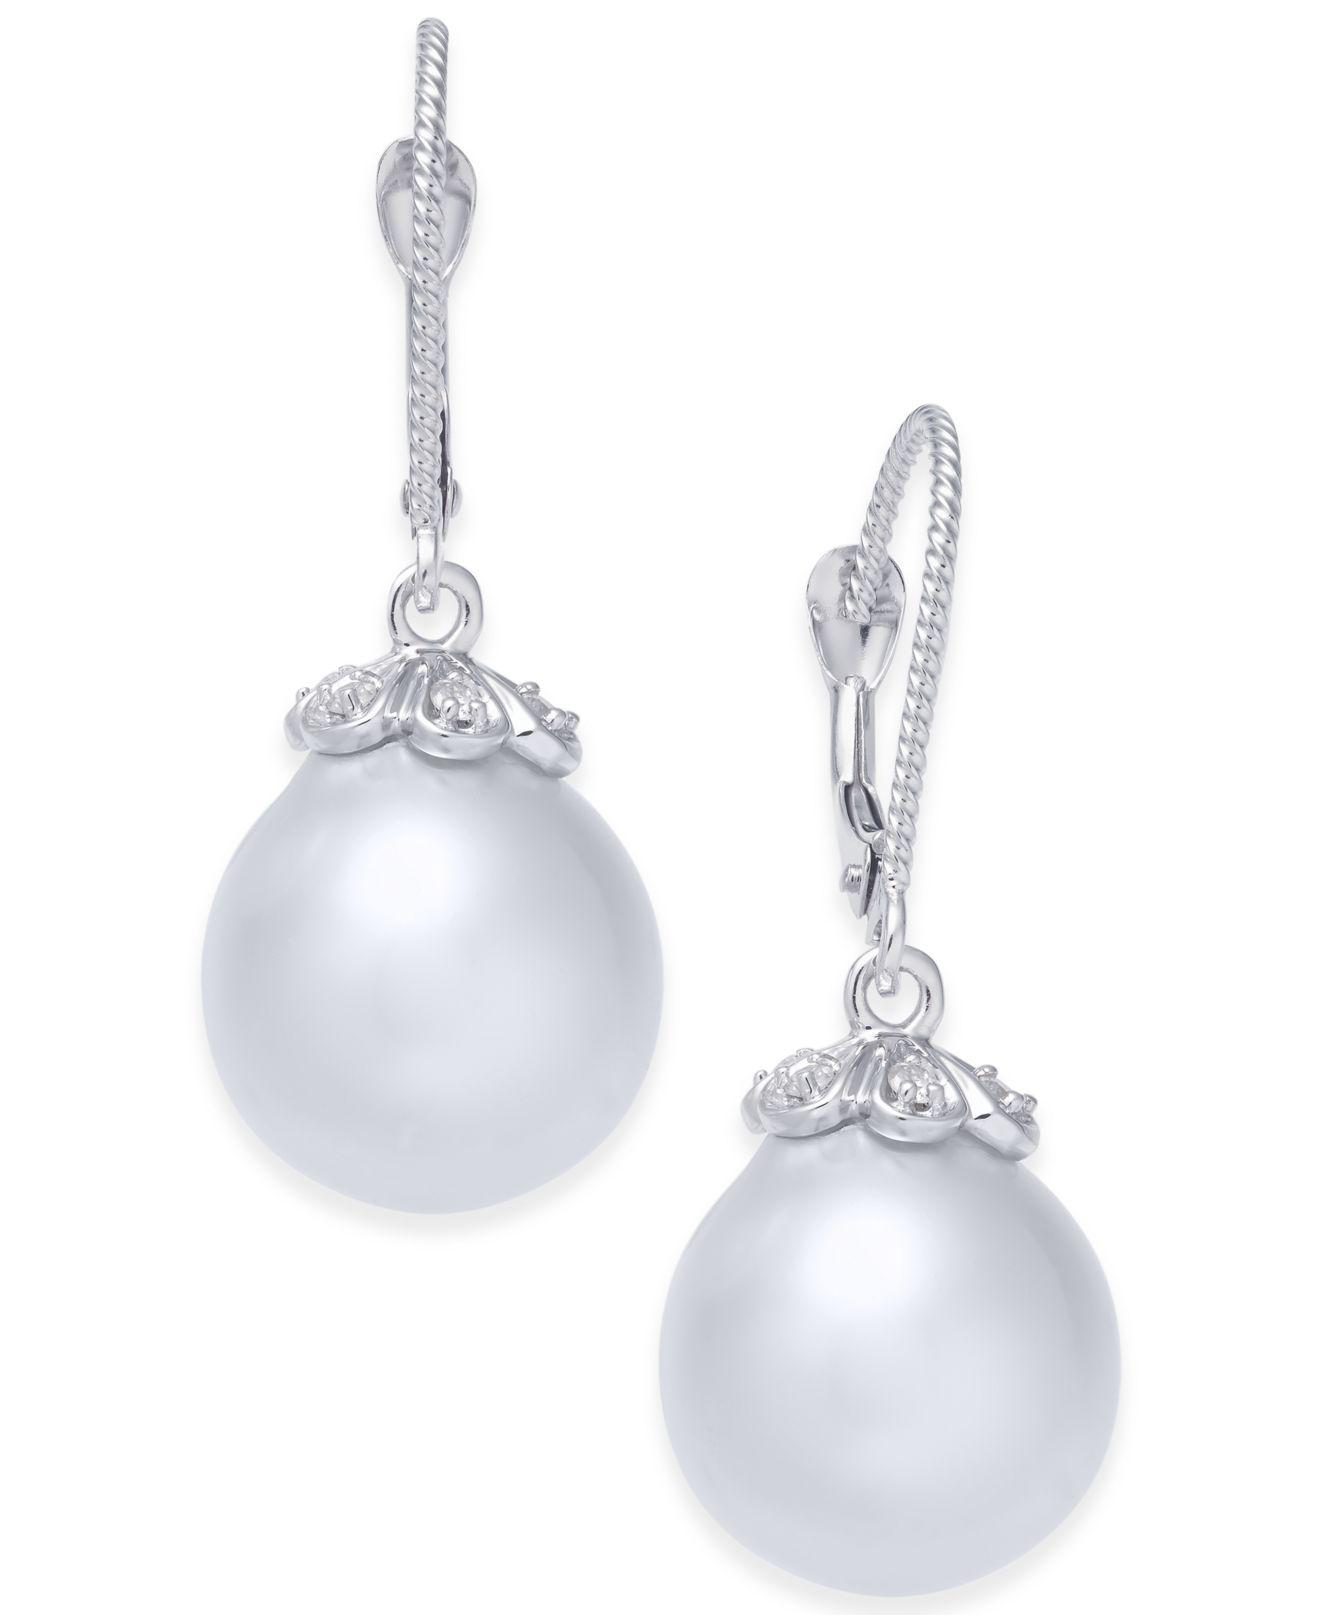 Belpearl 18k White South Sea Pearl & Diamond Flower Drop Earrings, 11.5mm